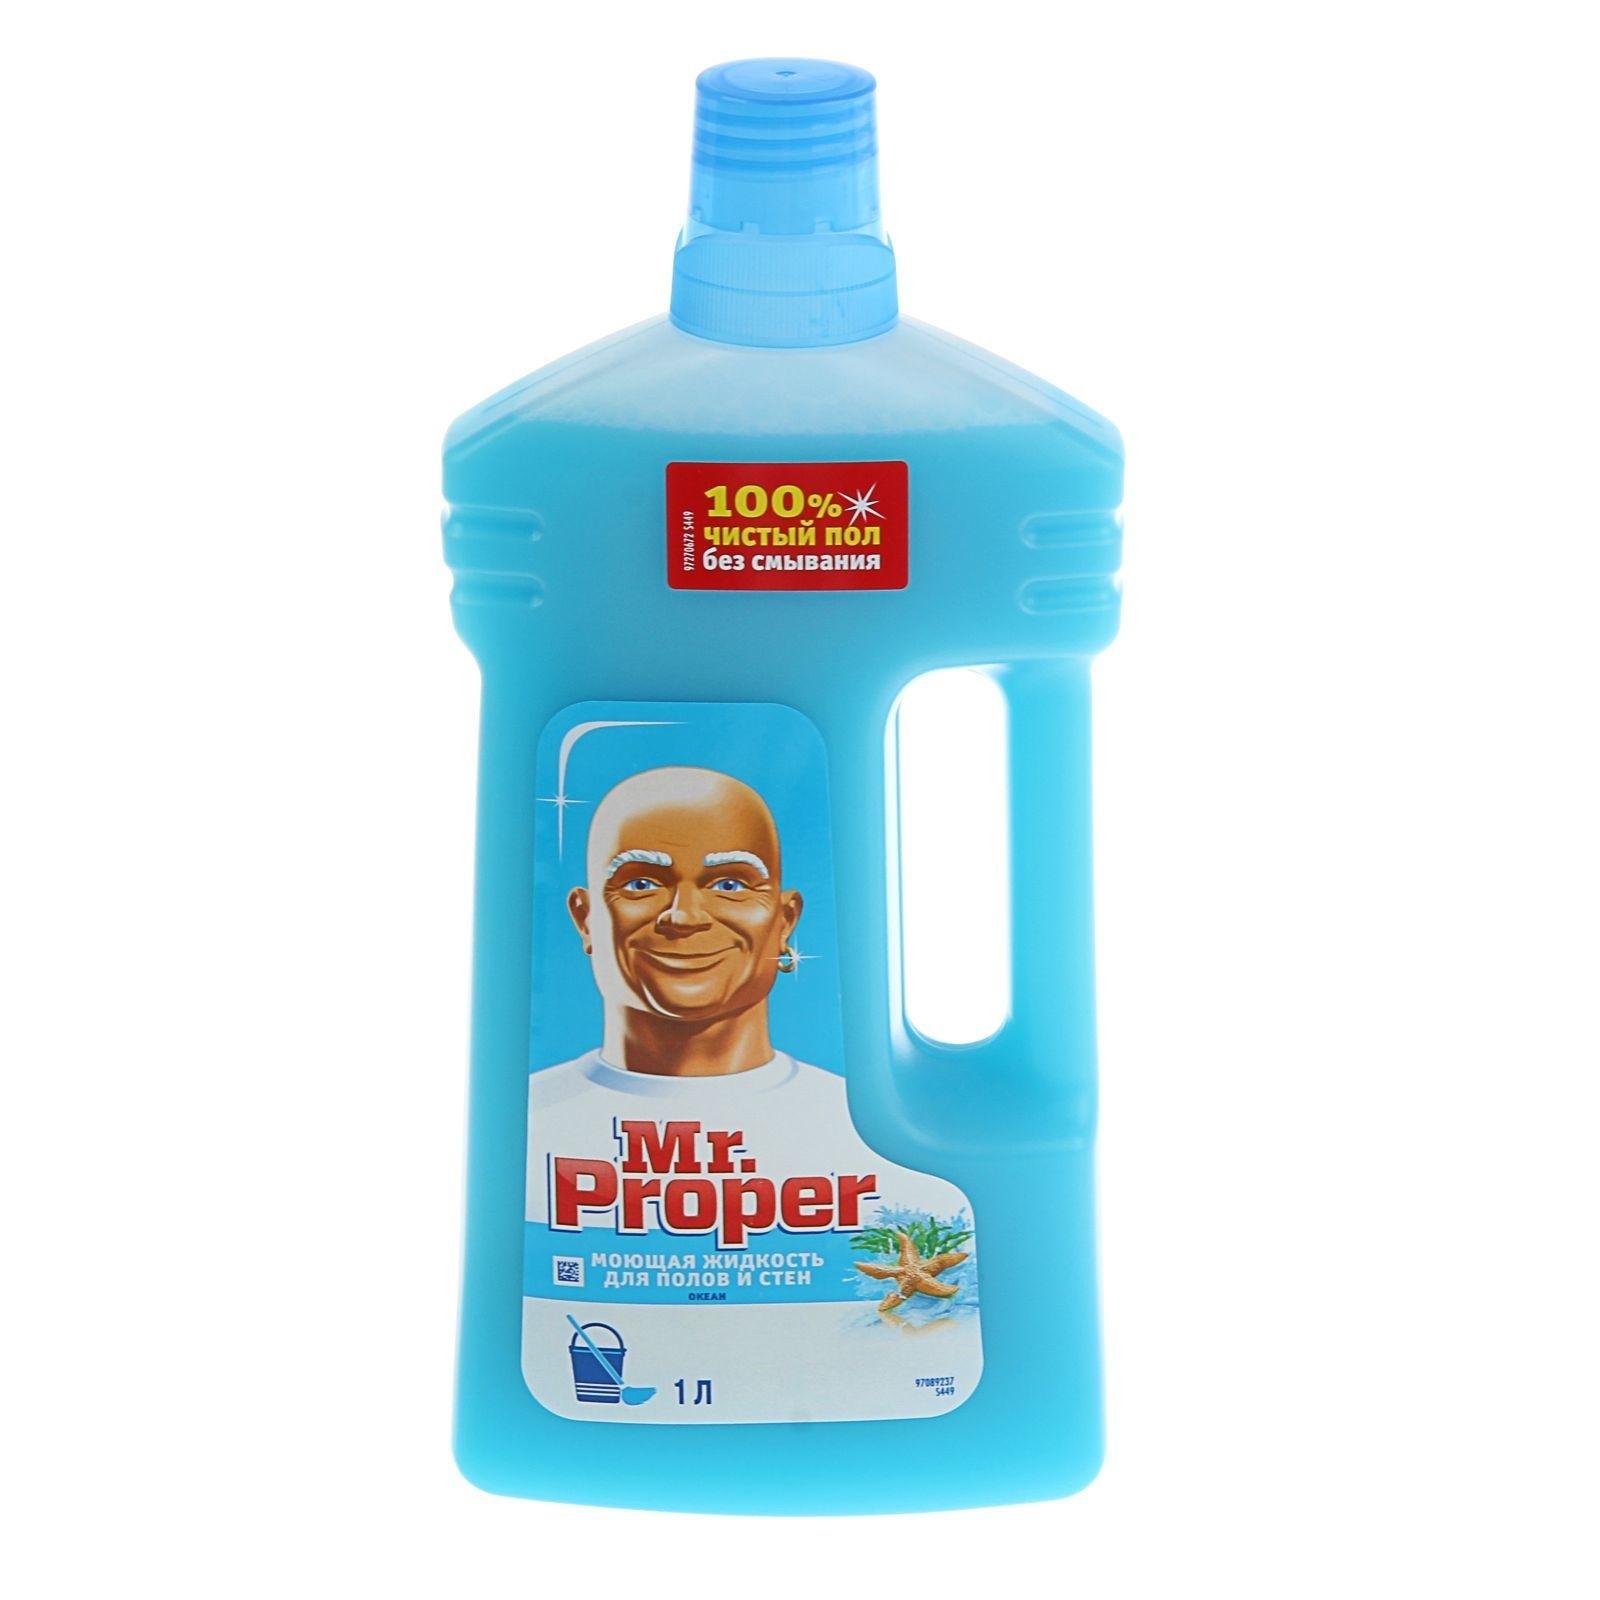 Средство для мытья полов и стен Mr. Proper, 1 л